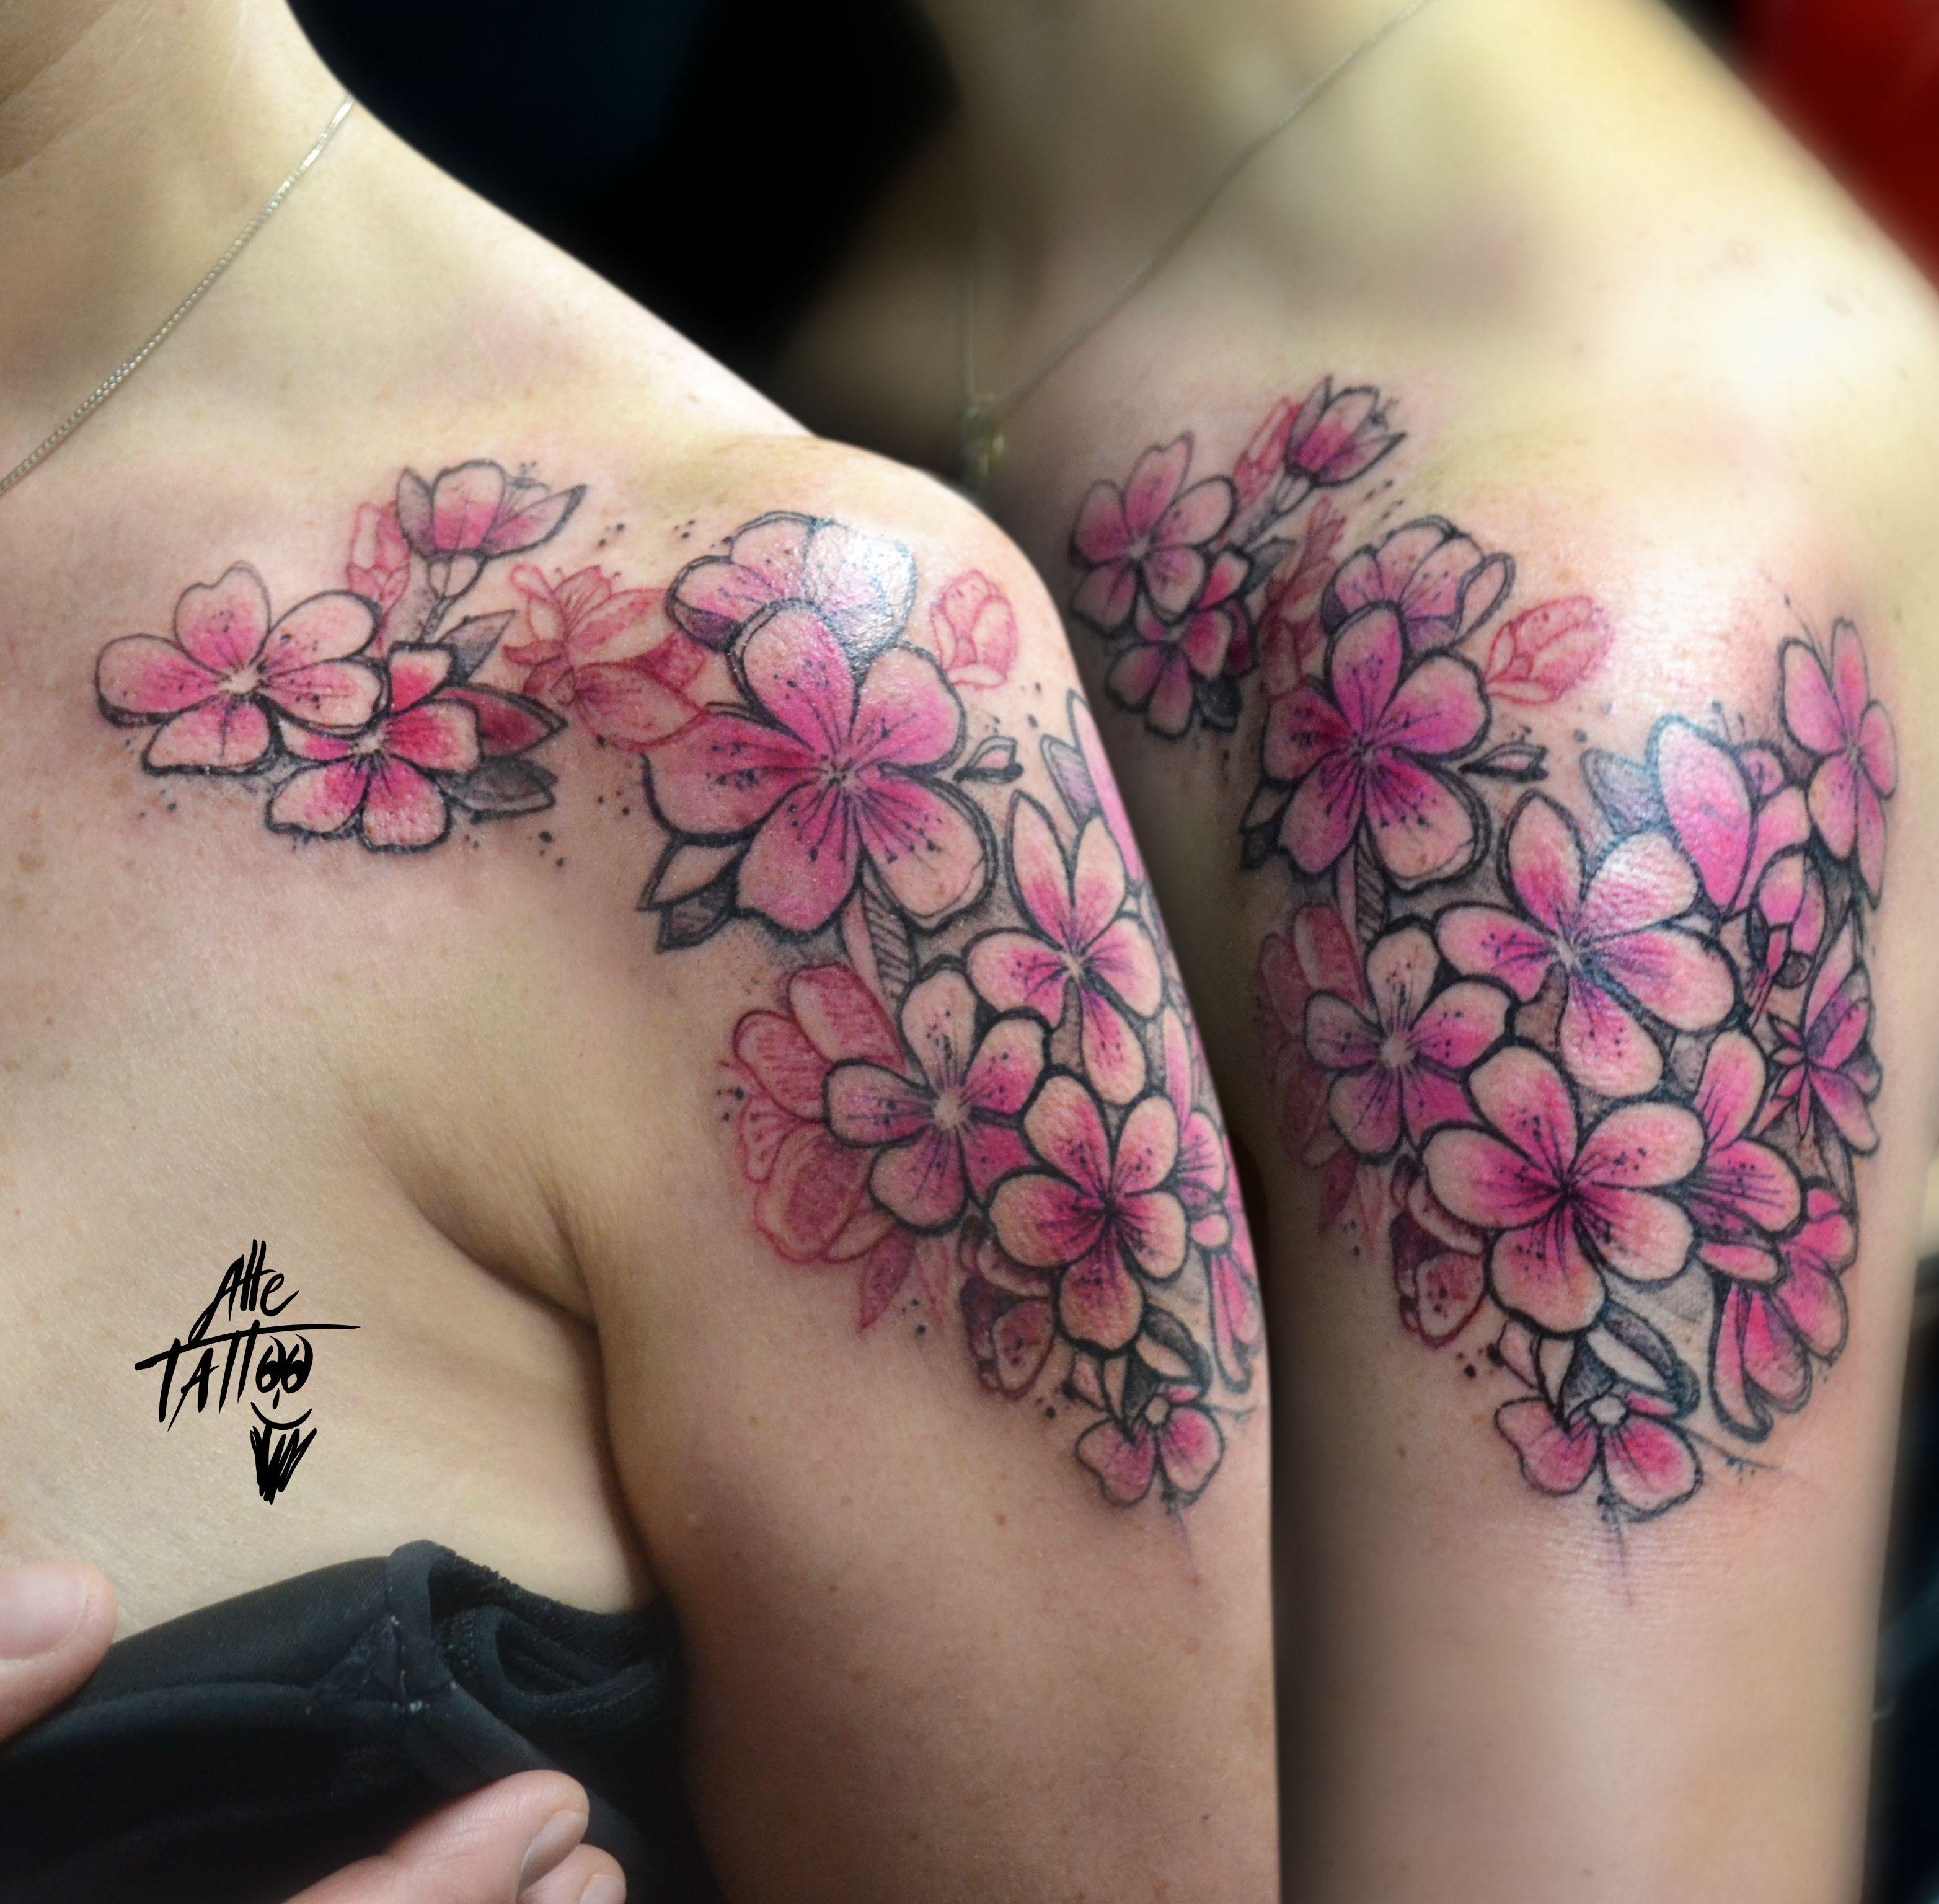 #alletattoo #cherryblossom #sketch #watercolor #fioridiciliegio #japanese #flowers #fiori